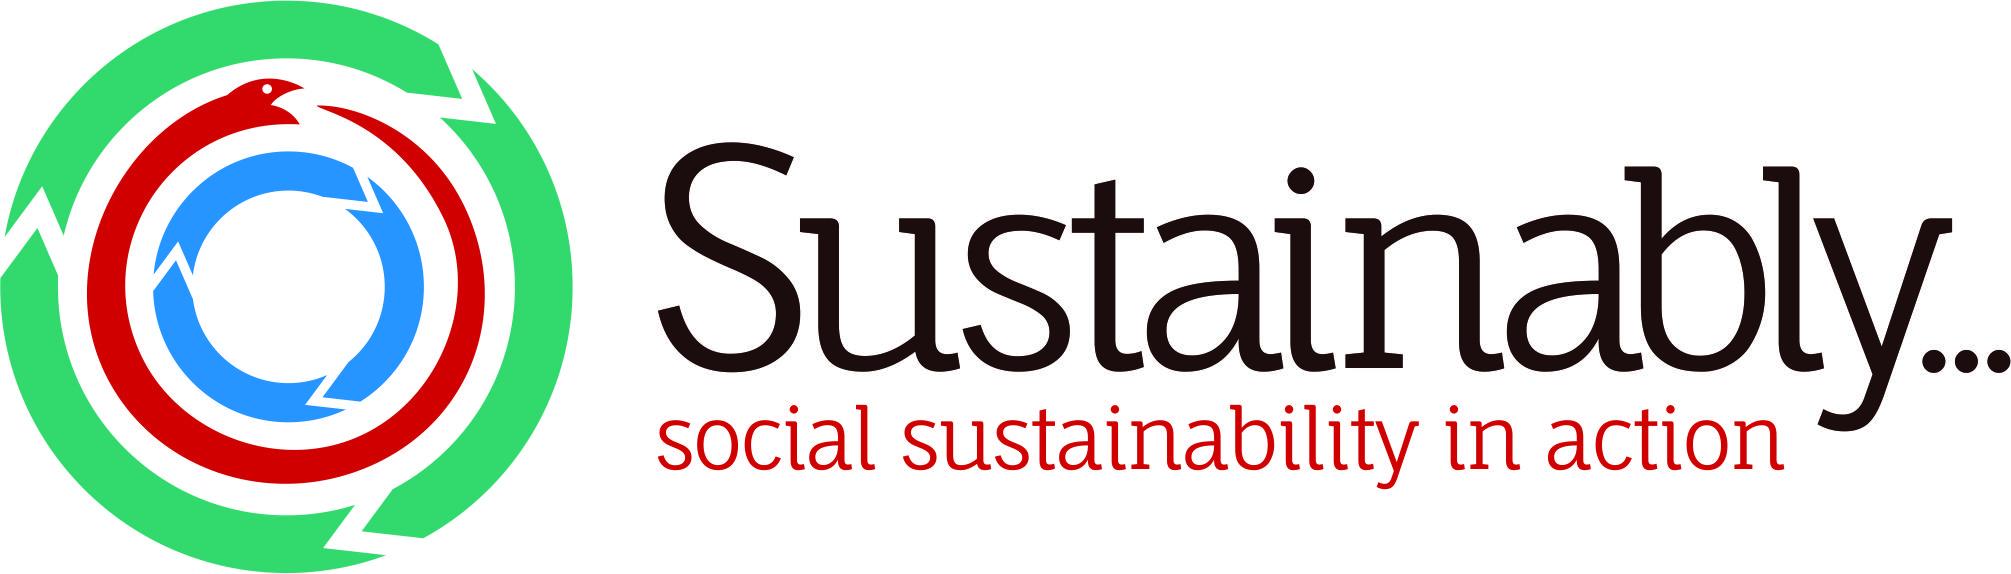 Sustainably.jpg